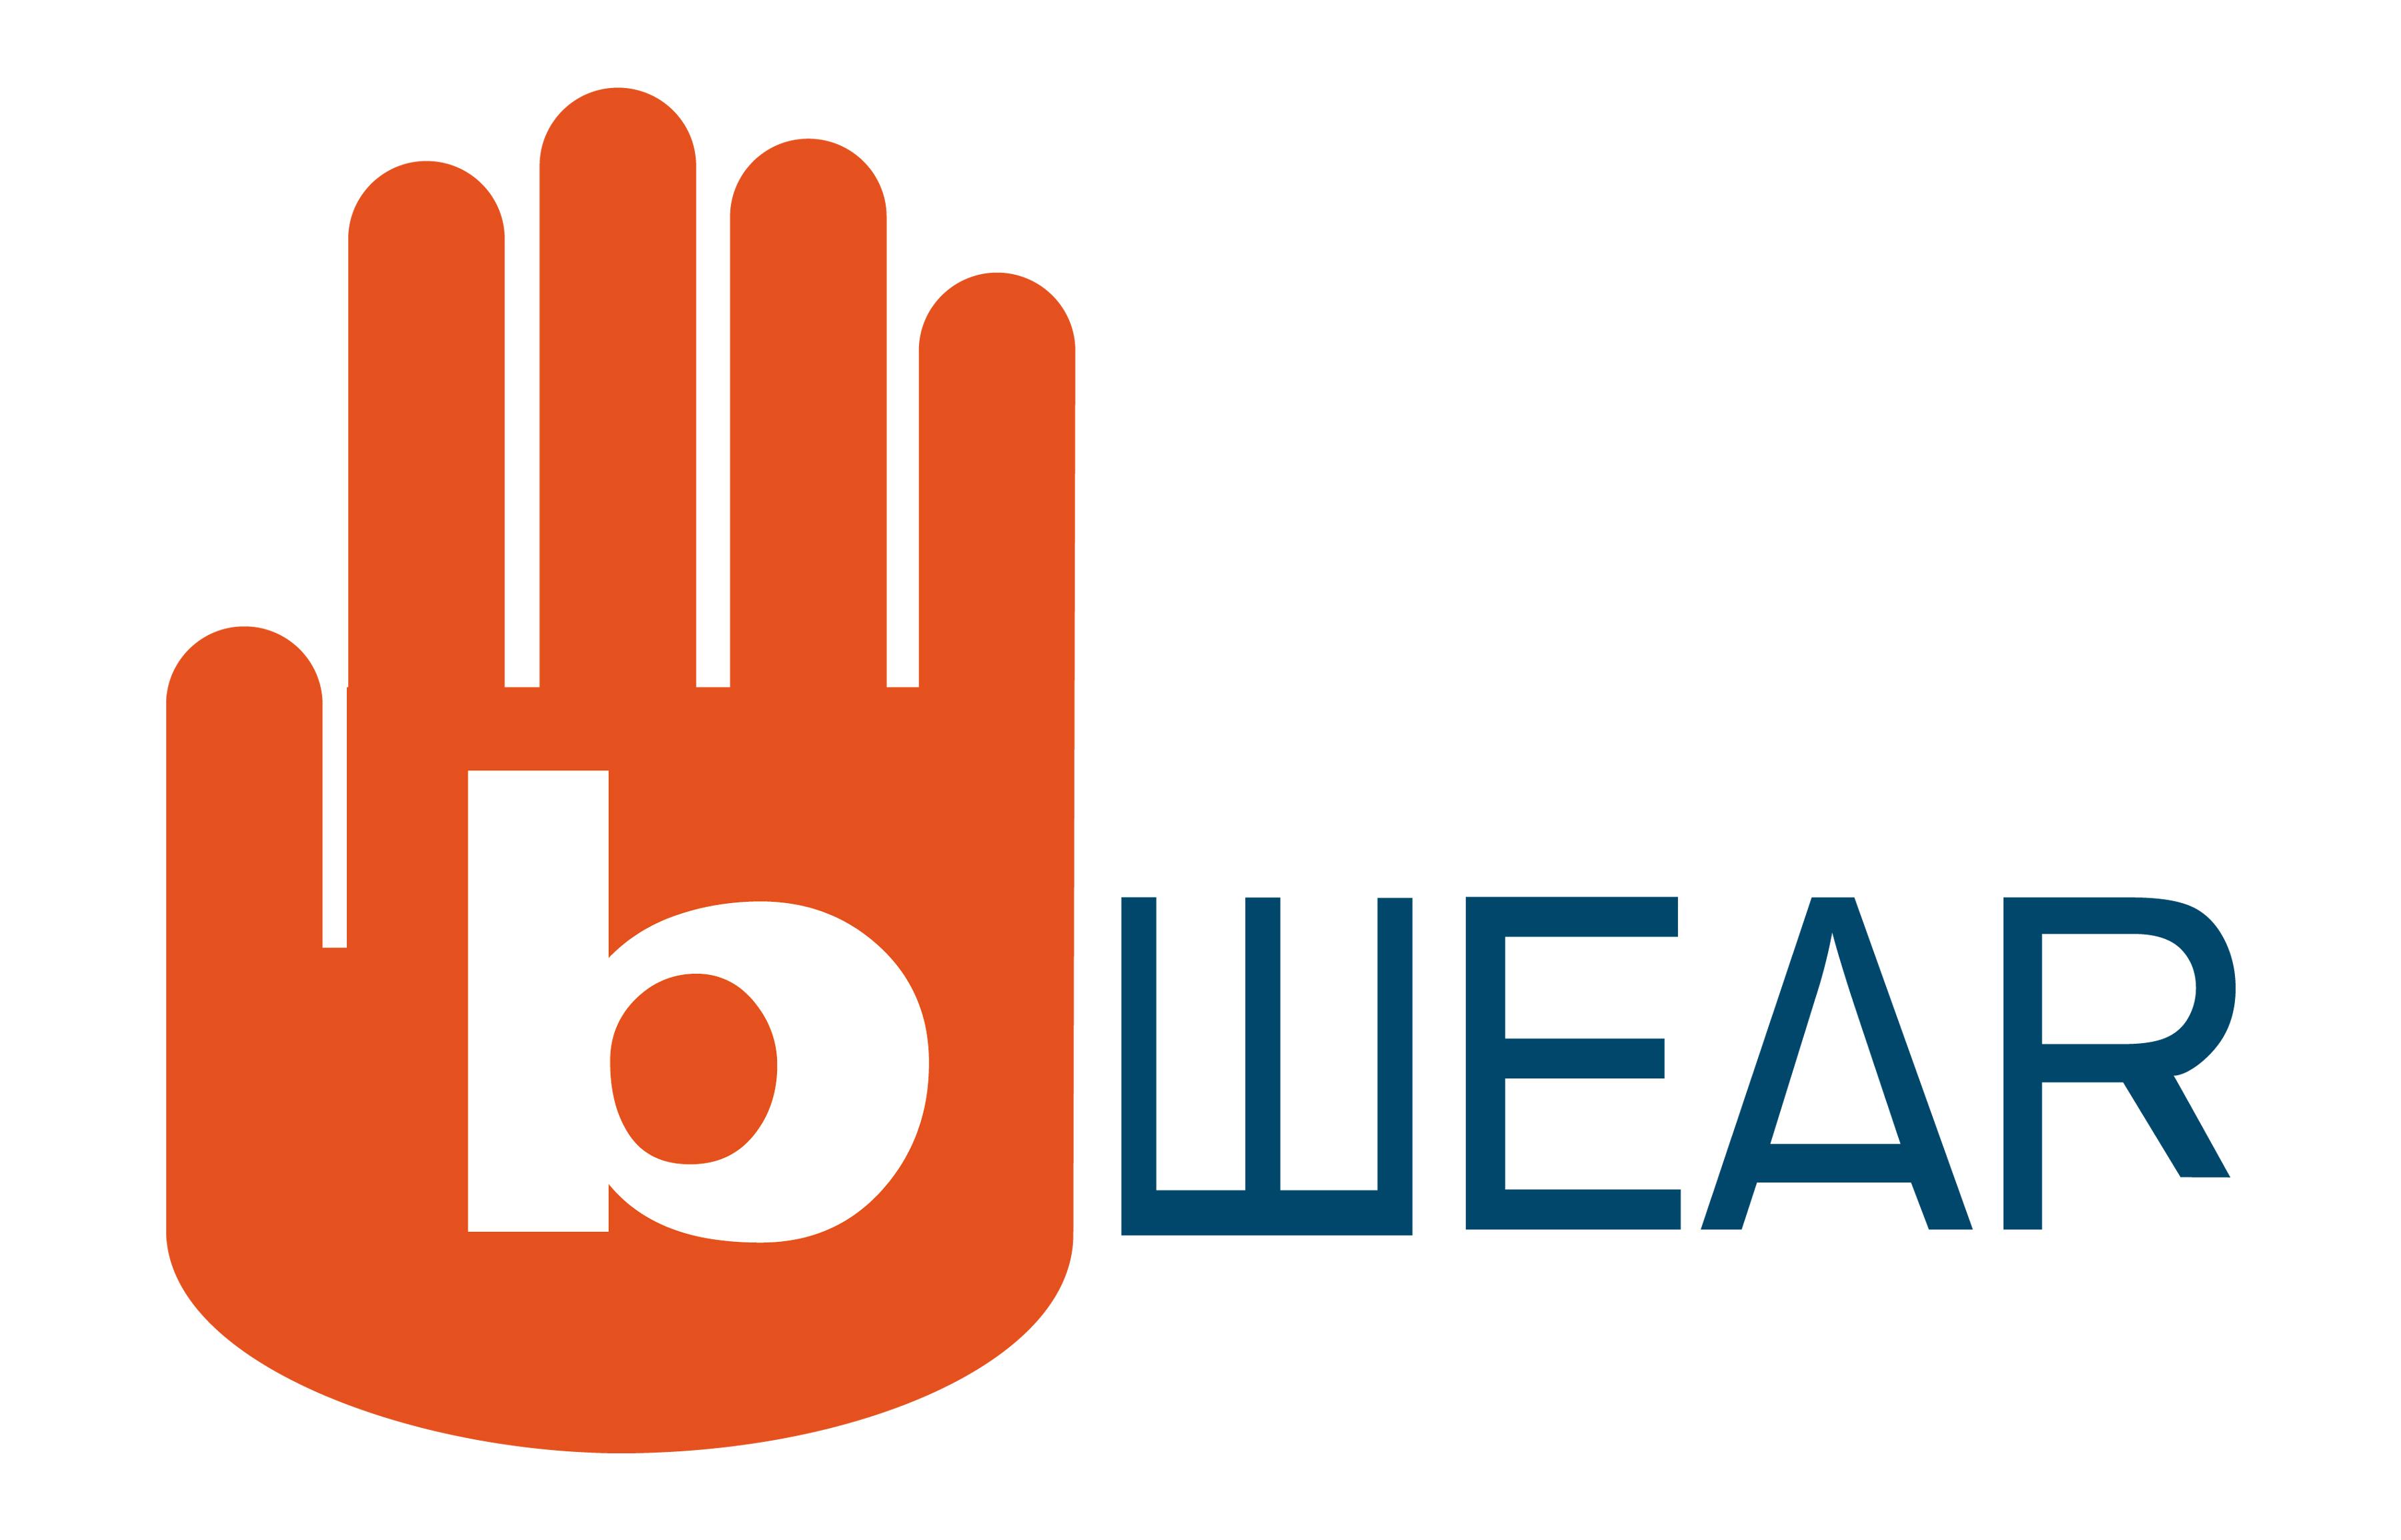 BWear